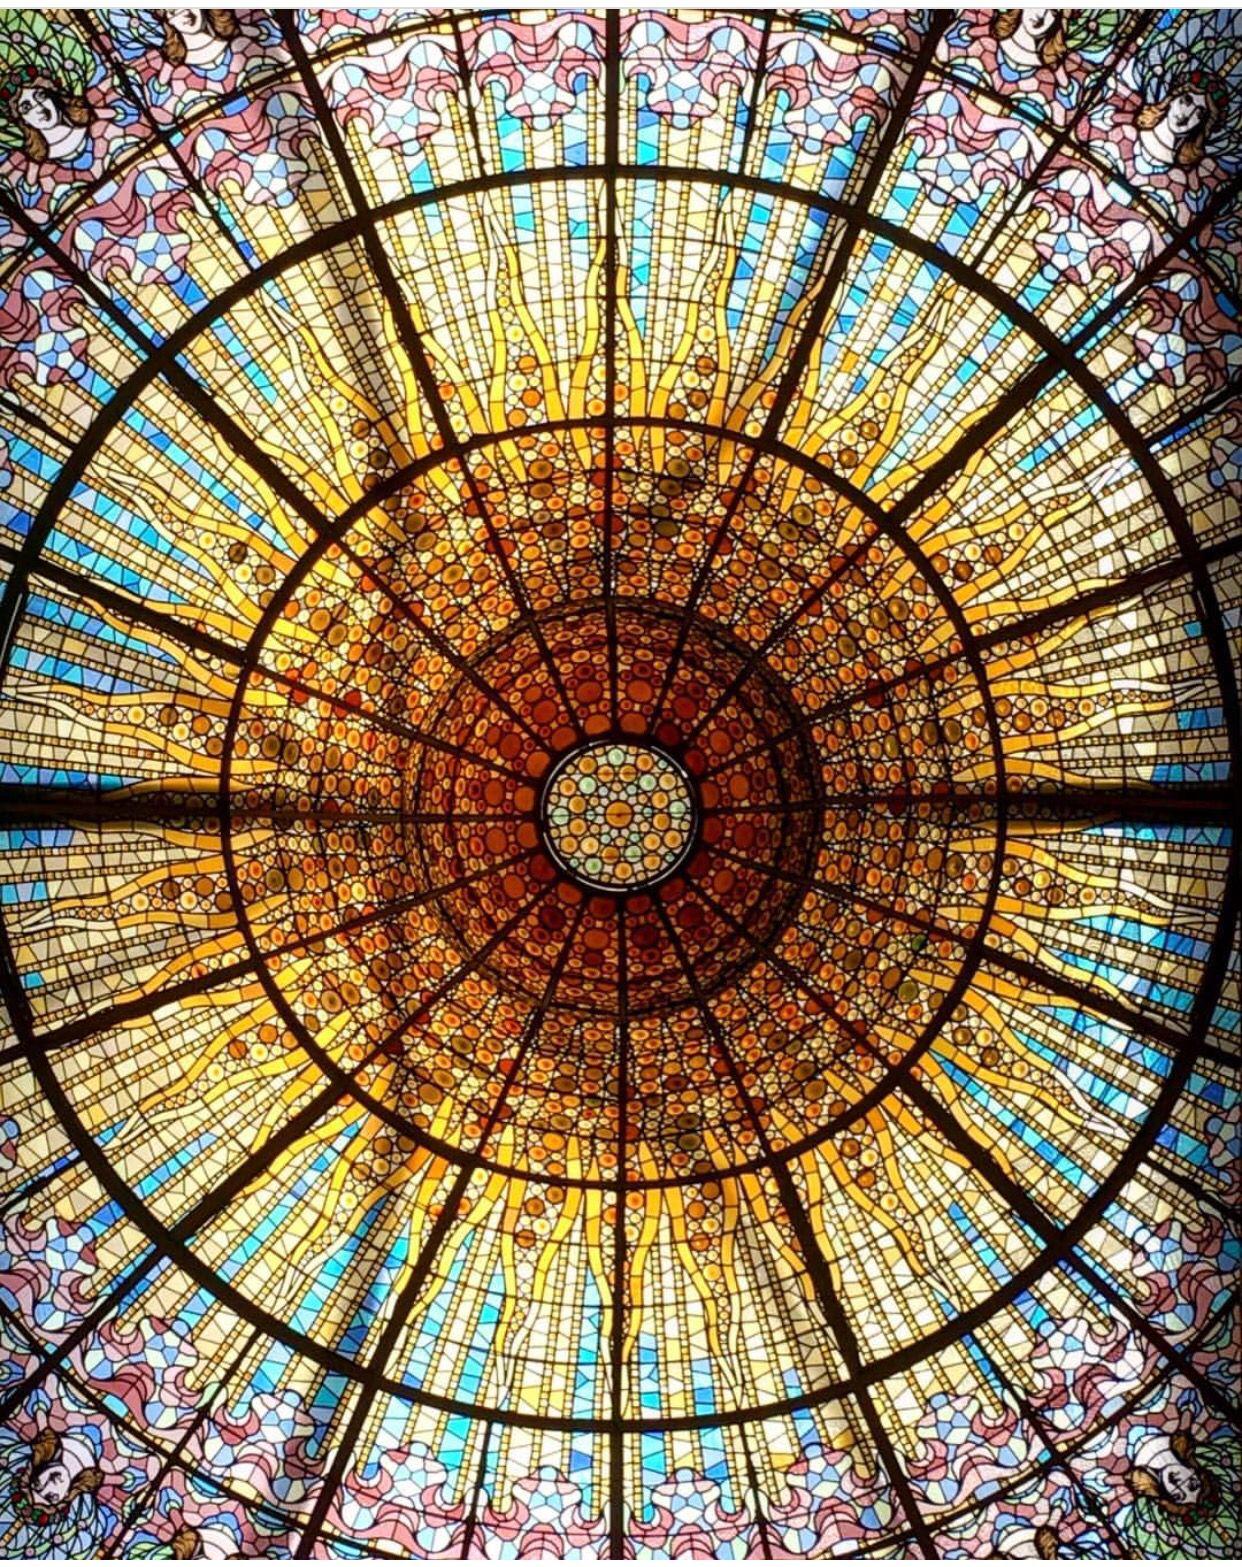 Palau de la música catalana by Juampi*